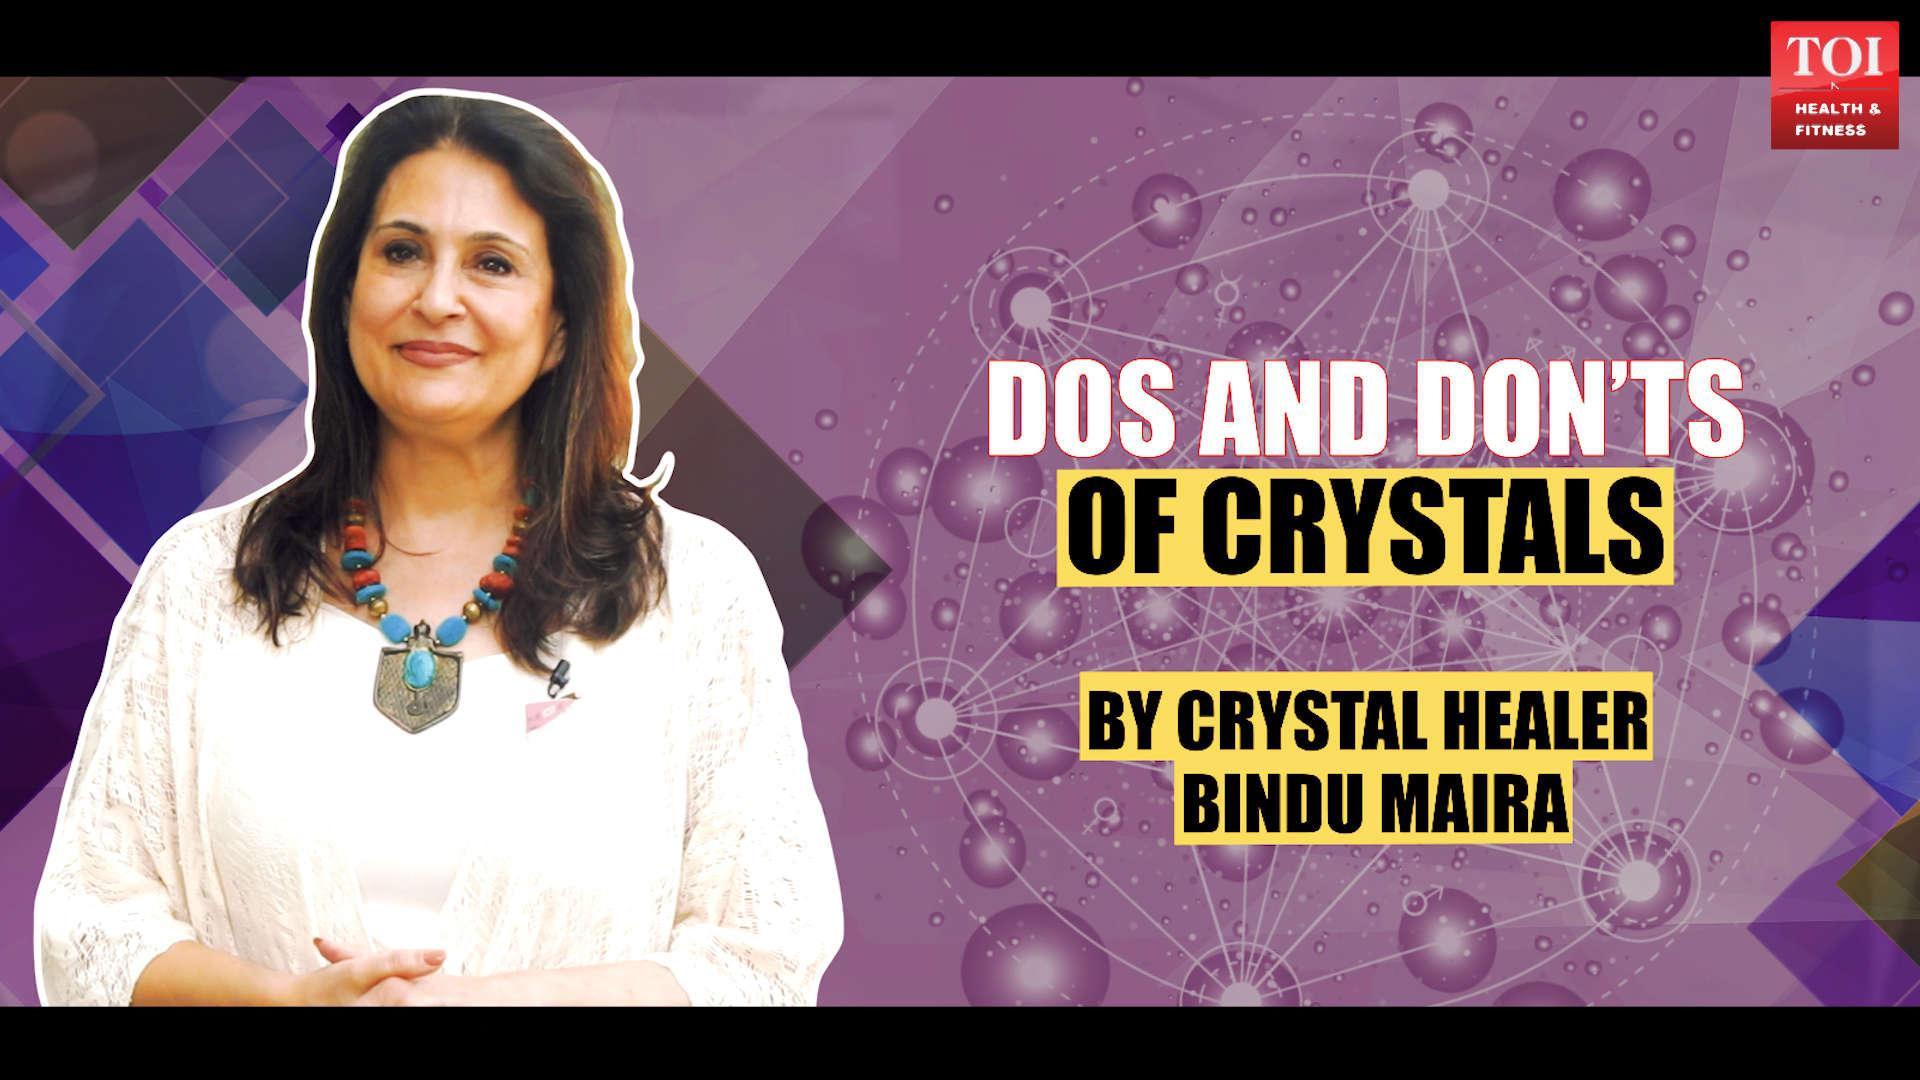 DOs and DON'Ts of crystals by Crystal healer Bindu Maira